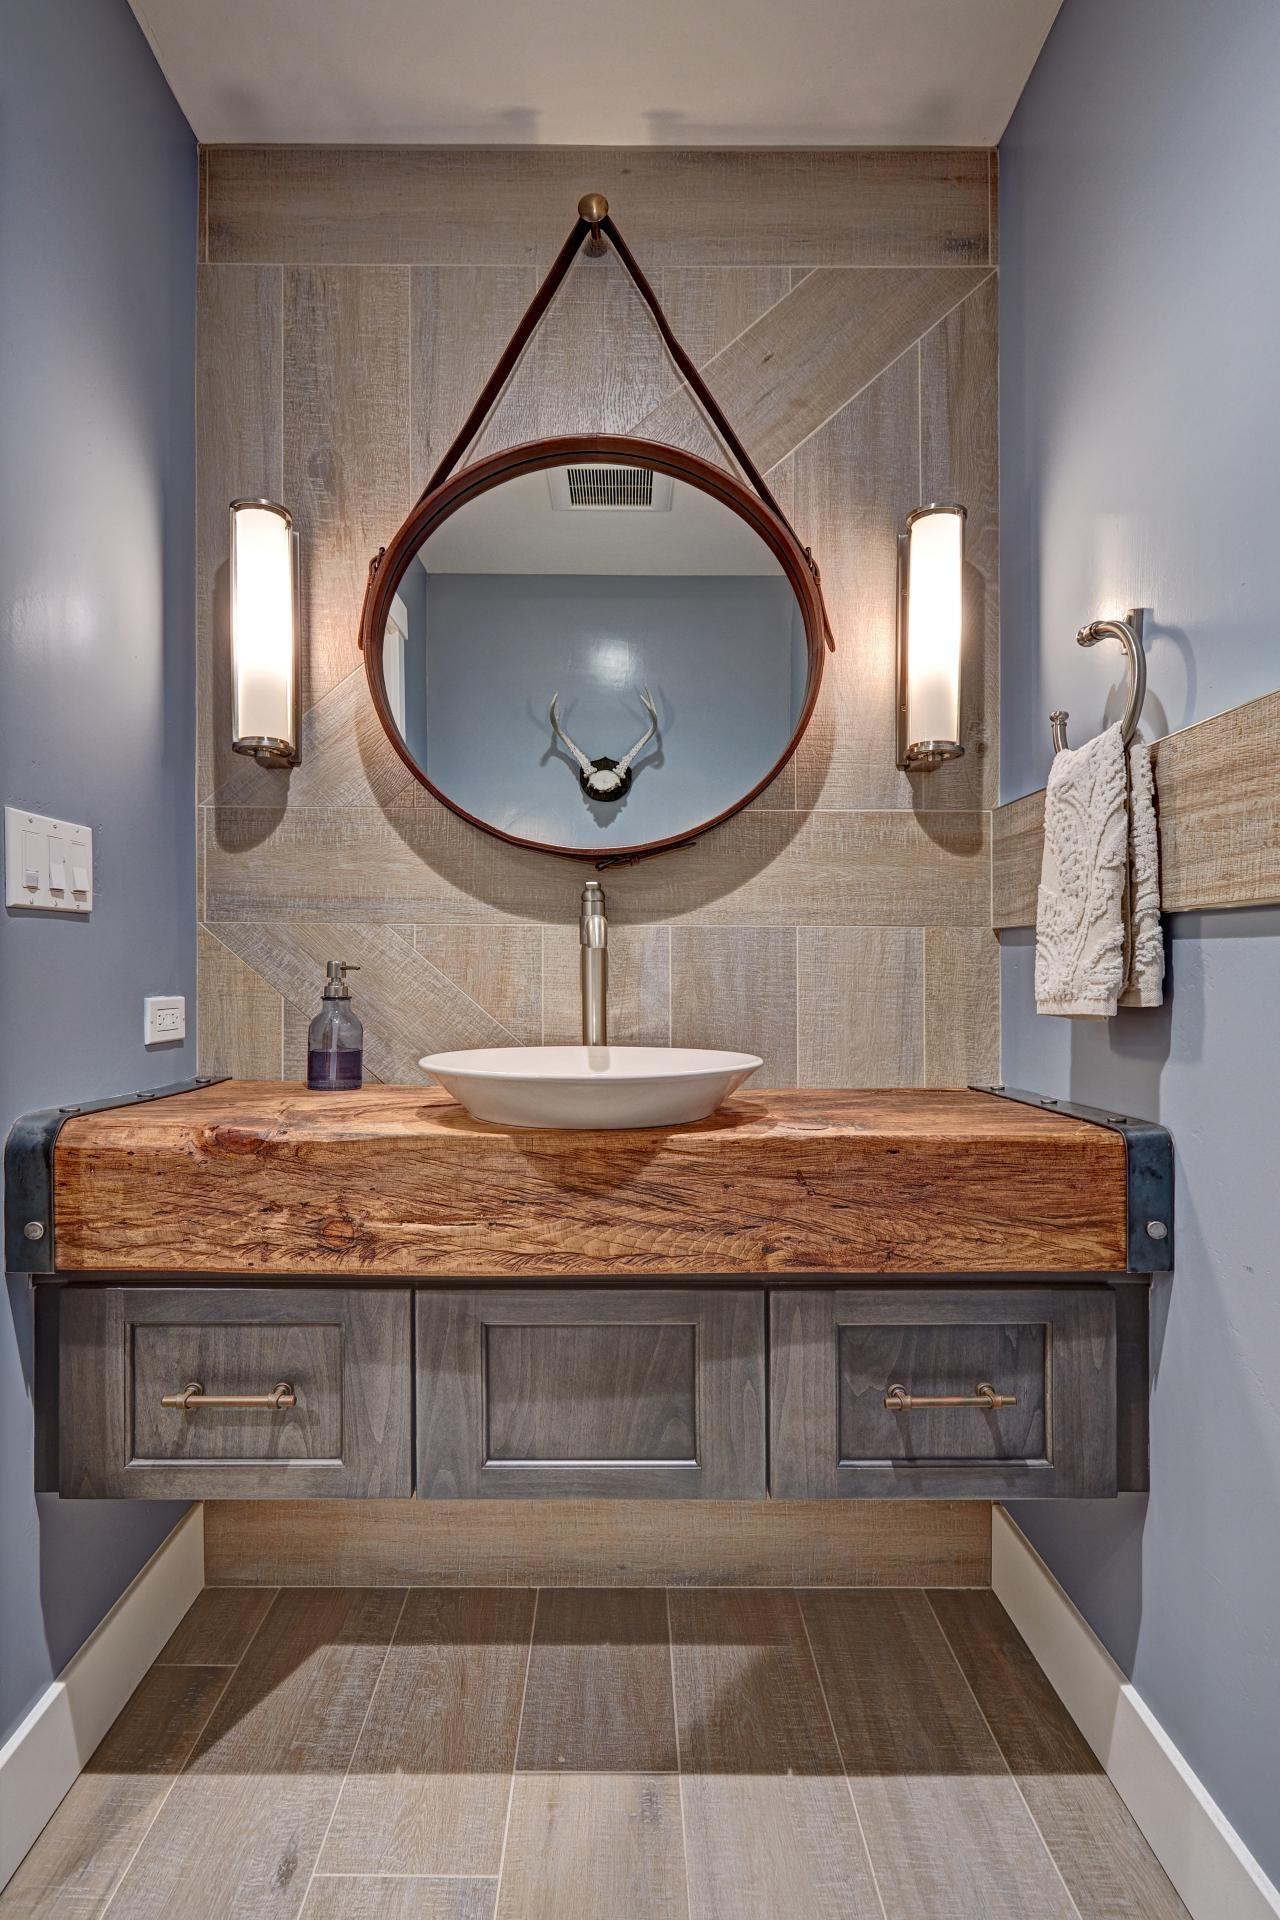 Industrial Looking Bathroom Mirrors